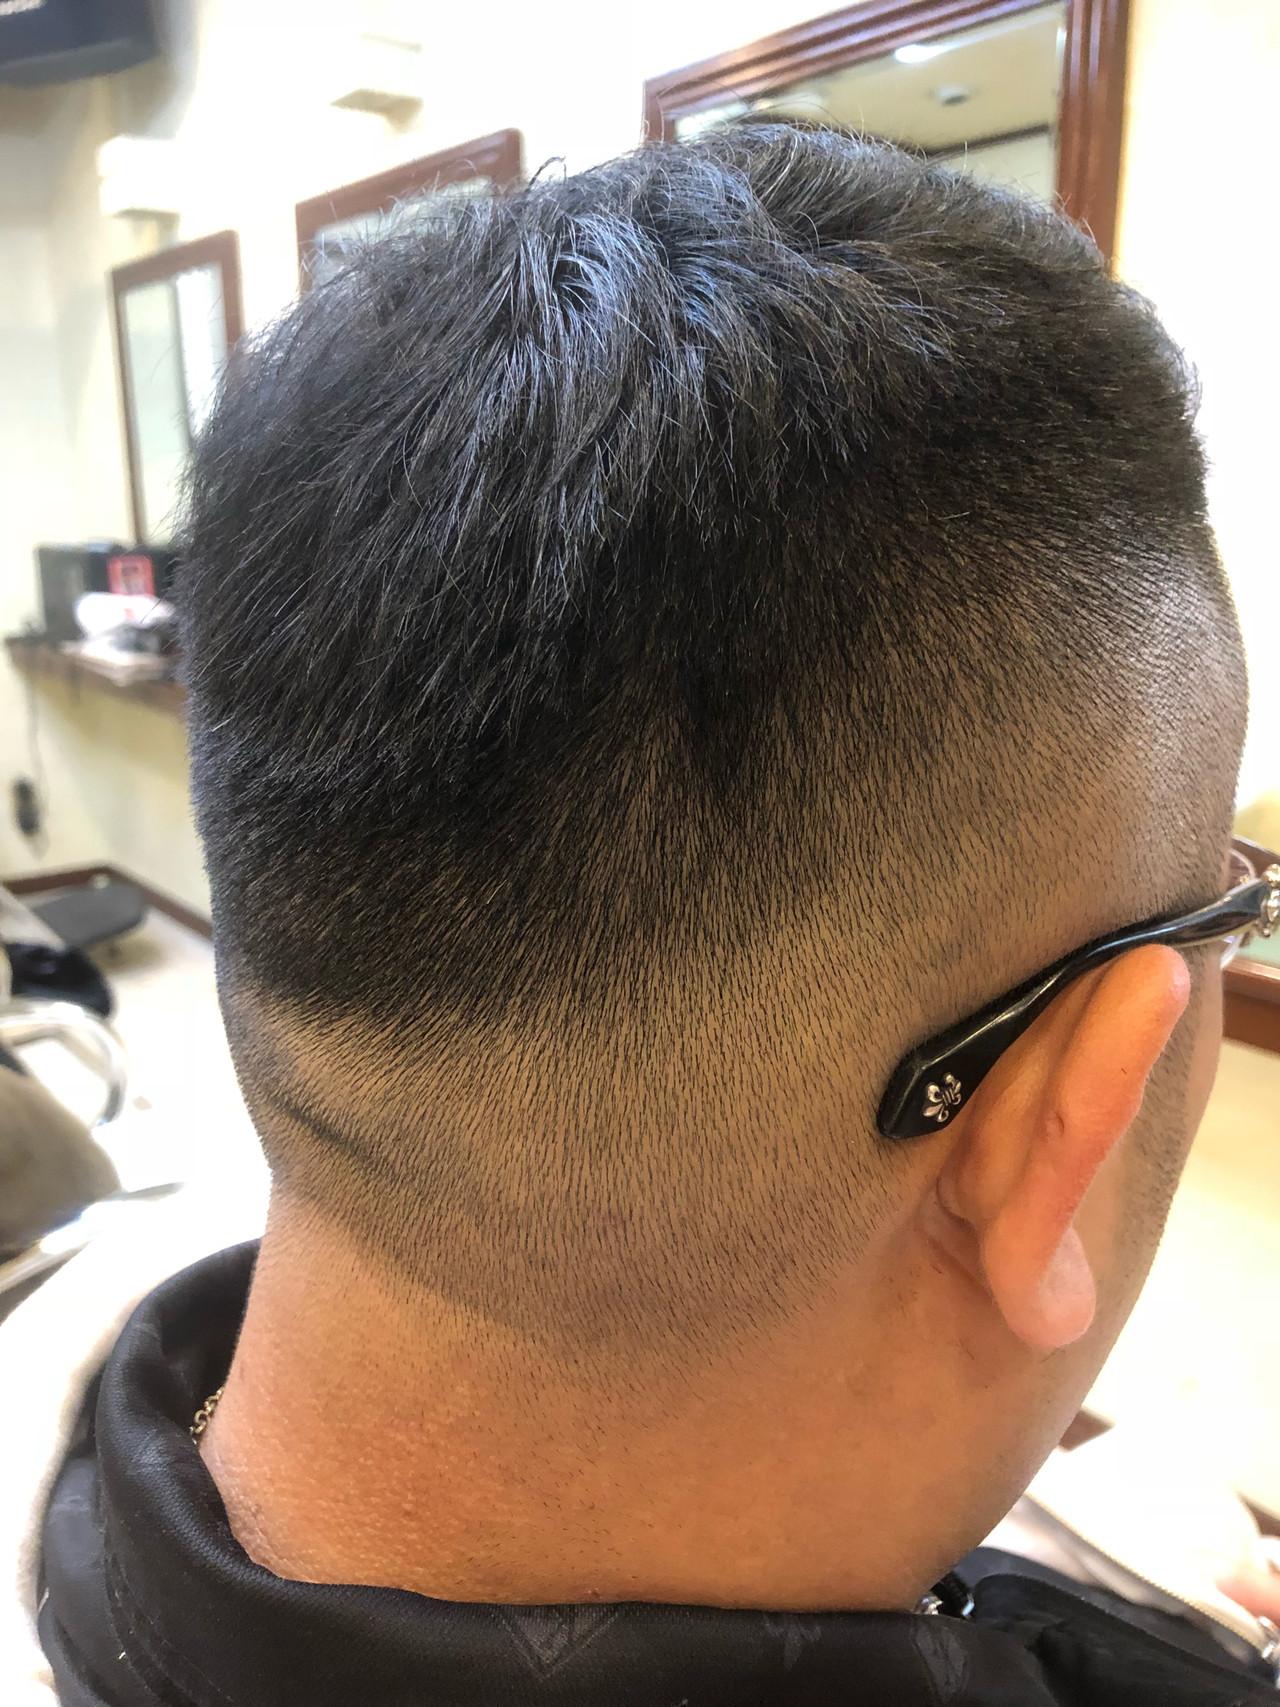 ショート メンズ ストリート 坊主 ヘアスタイルや髪型の写真・画像 | TMe hair/tomoe chiba / TMe hair川崎小田